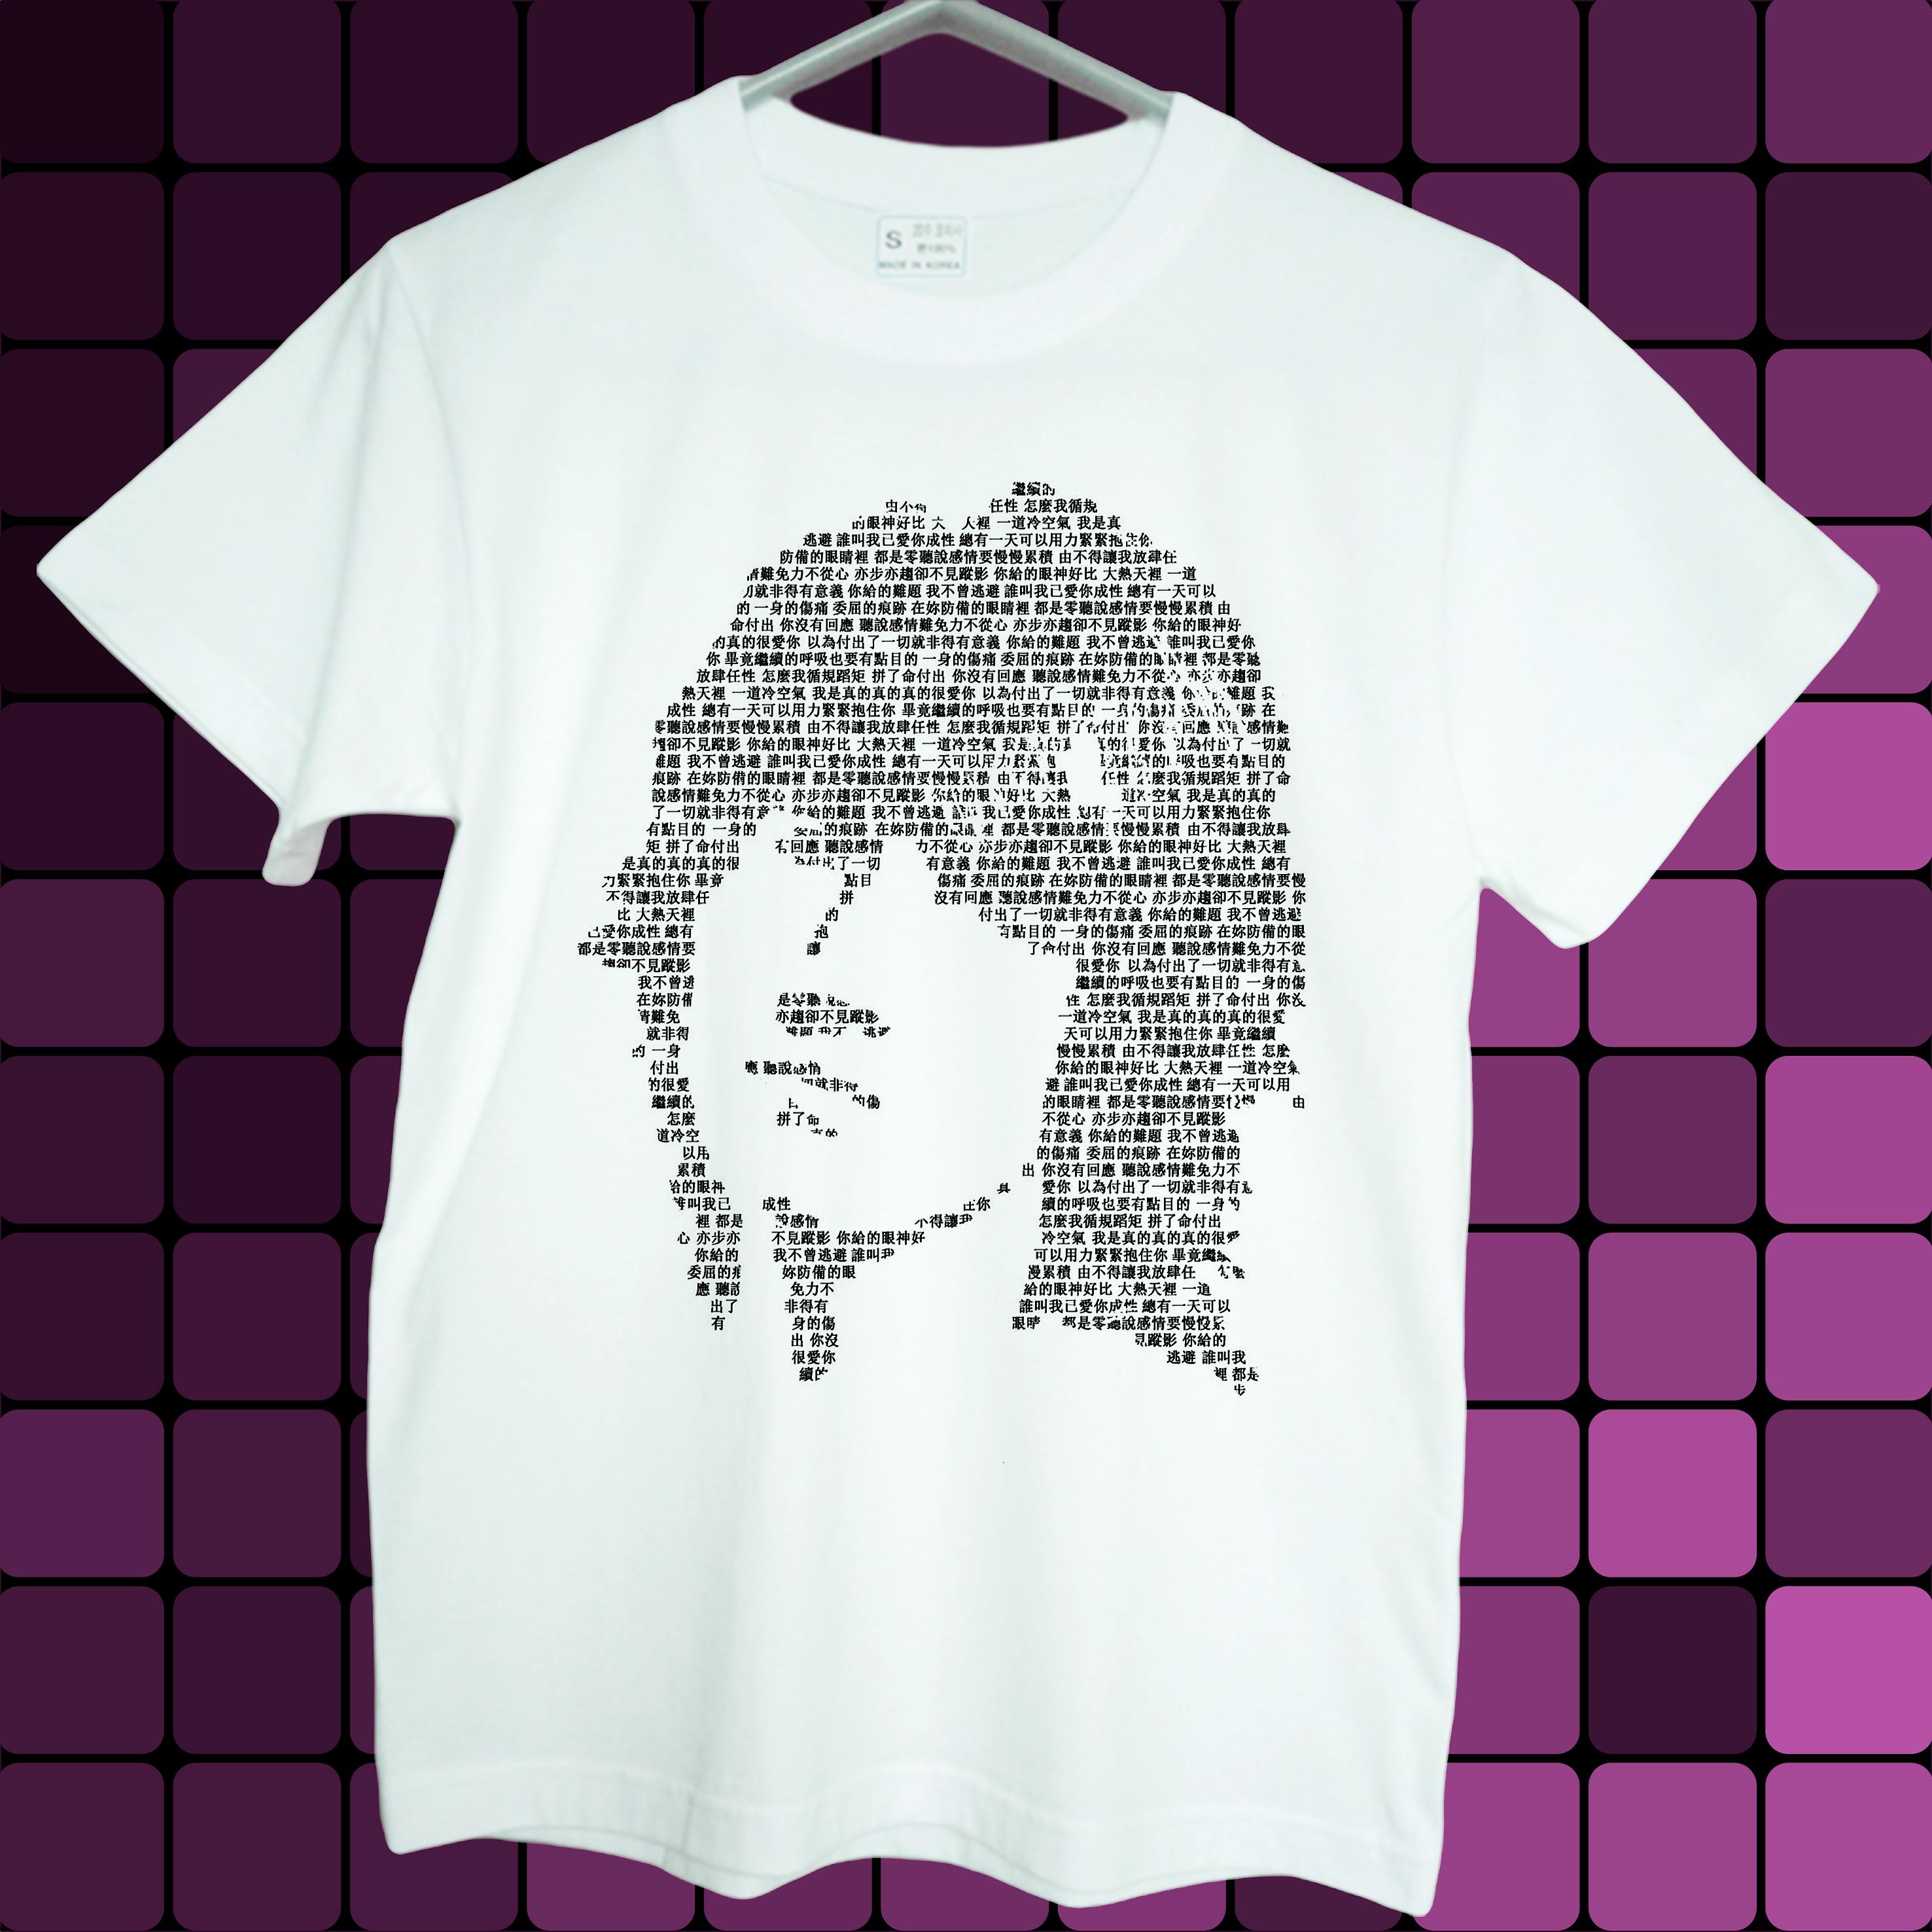 TeeSofa|T-shirt online store in Hong Kong | Jerry Yan T-shirt